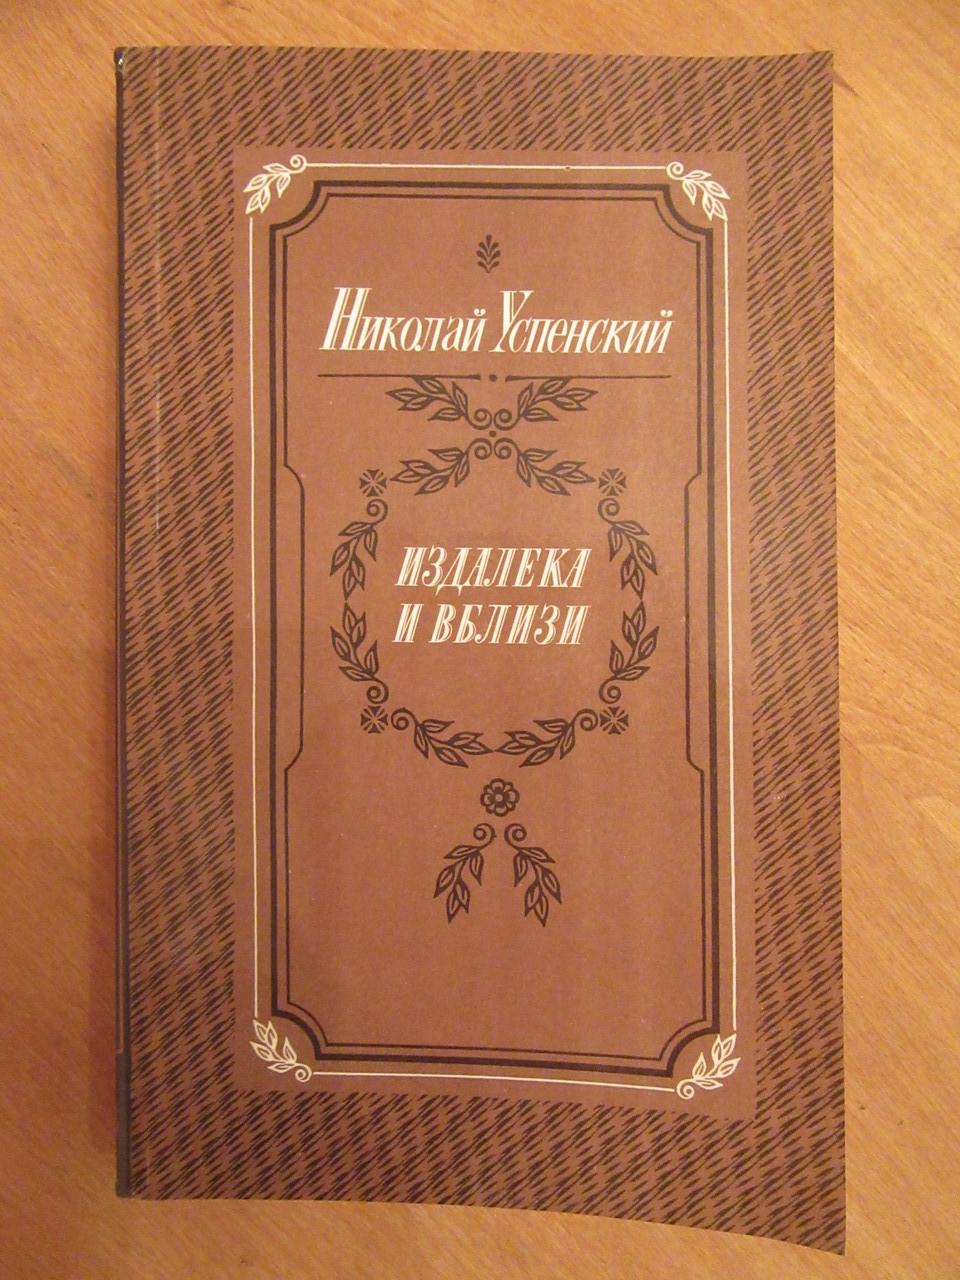 Микола Успенський. Здалеку і зблизька. Вибрані повісті та оповідання